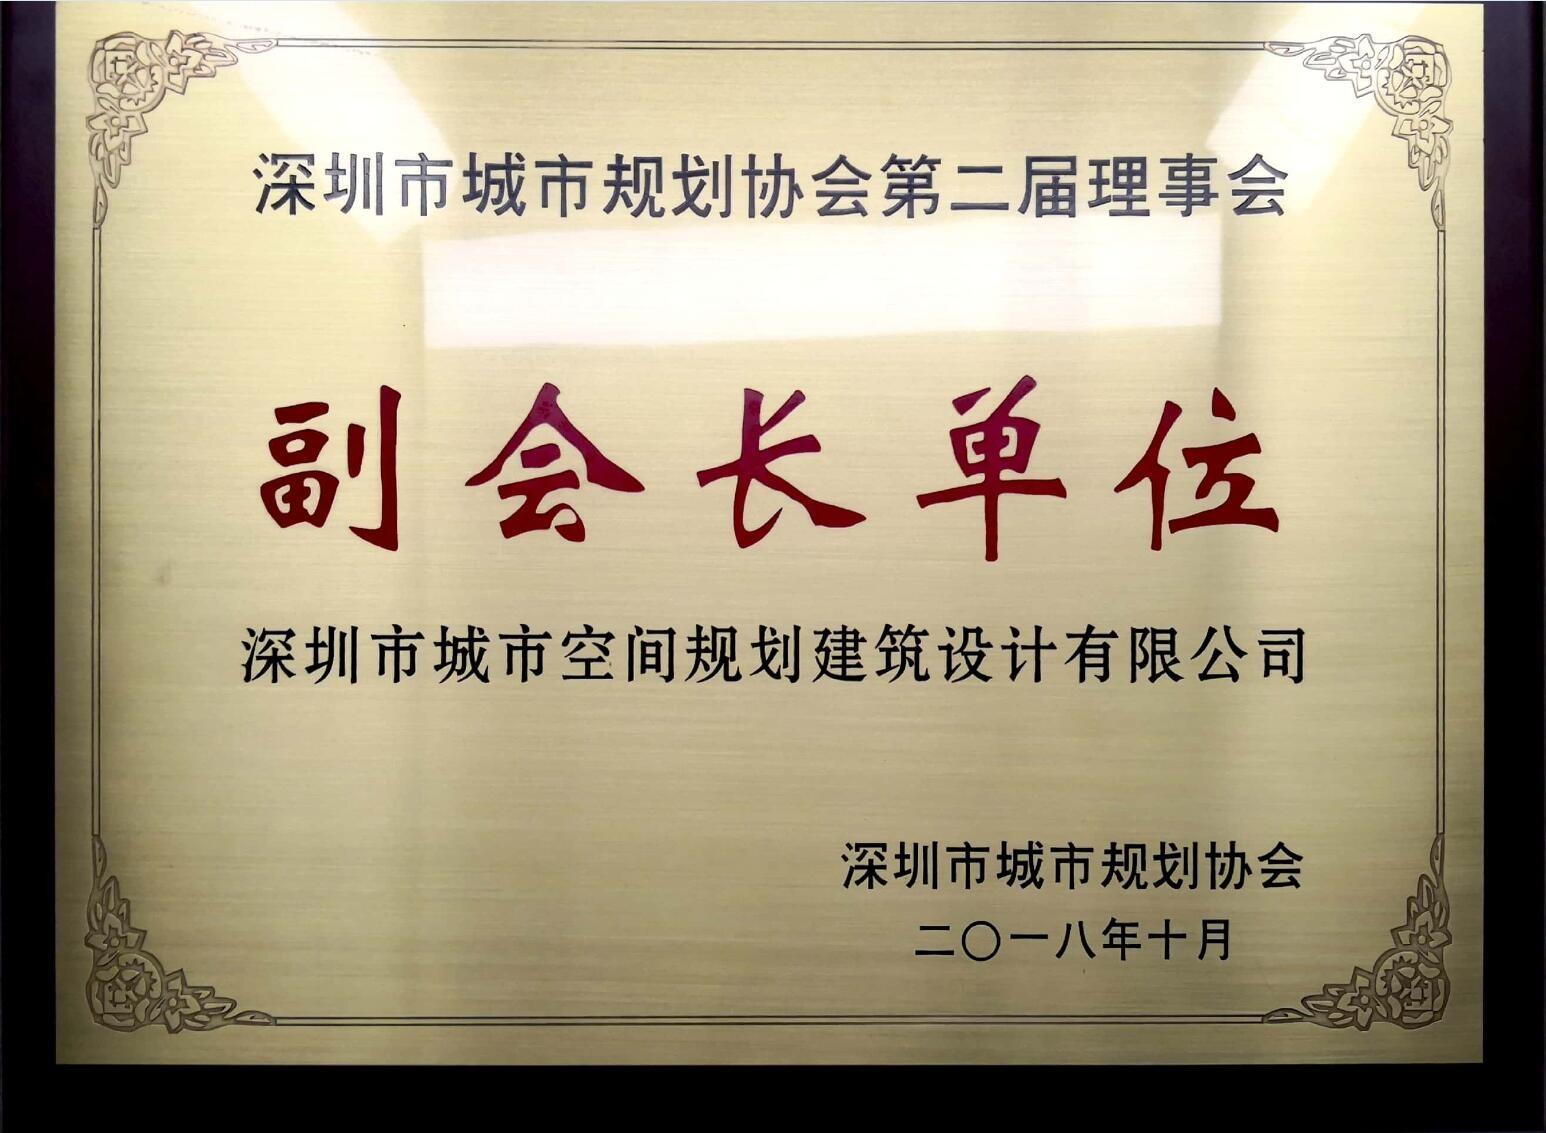 深圳市规划协会副会长单位